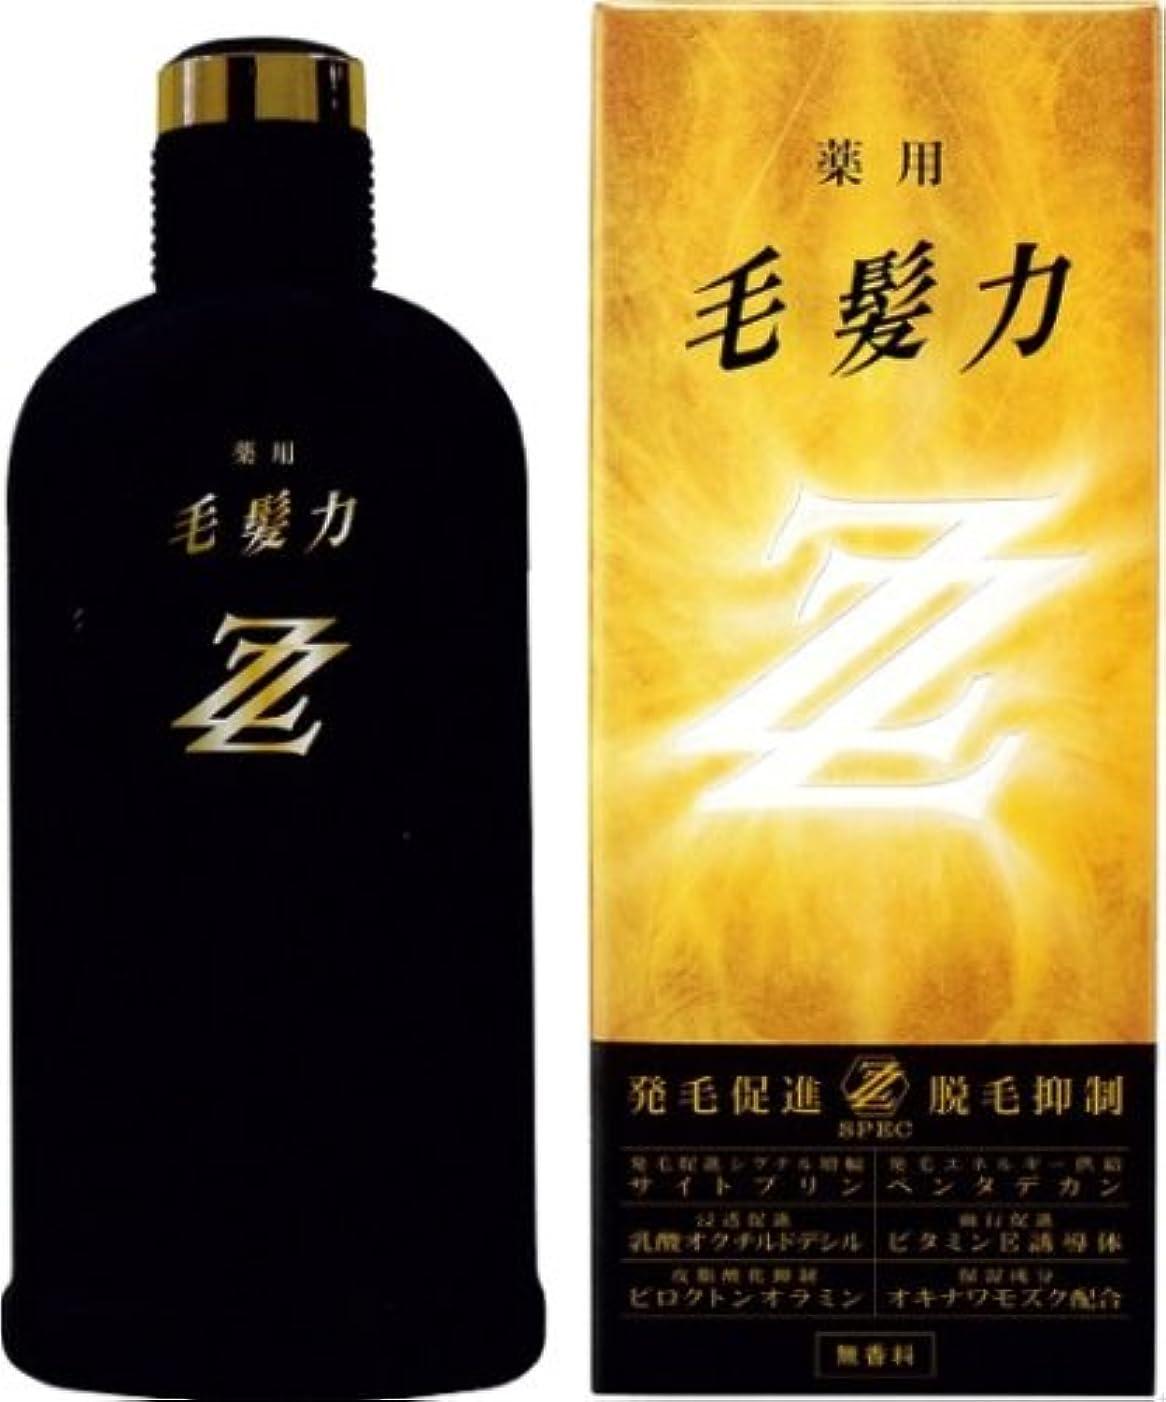 エリート明るくする導出薬用毛髪力ZZ(ダブルジー) 育毛剤 200ml(医薬部外品)